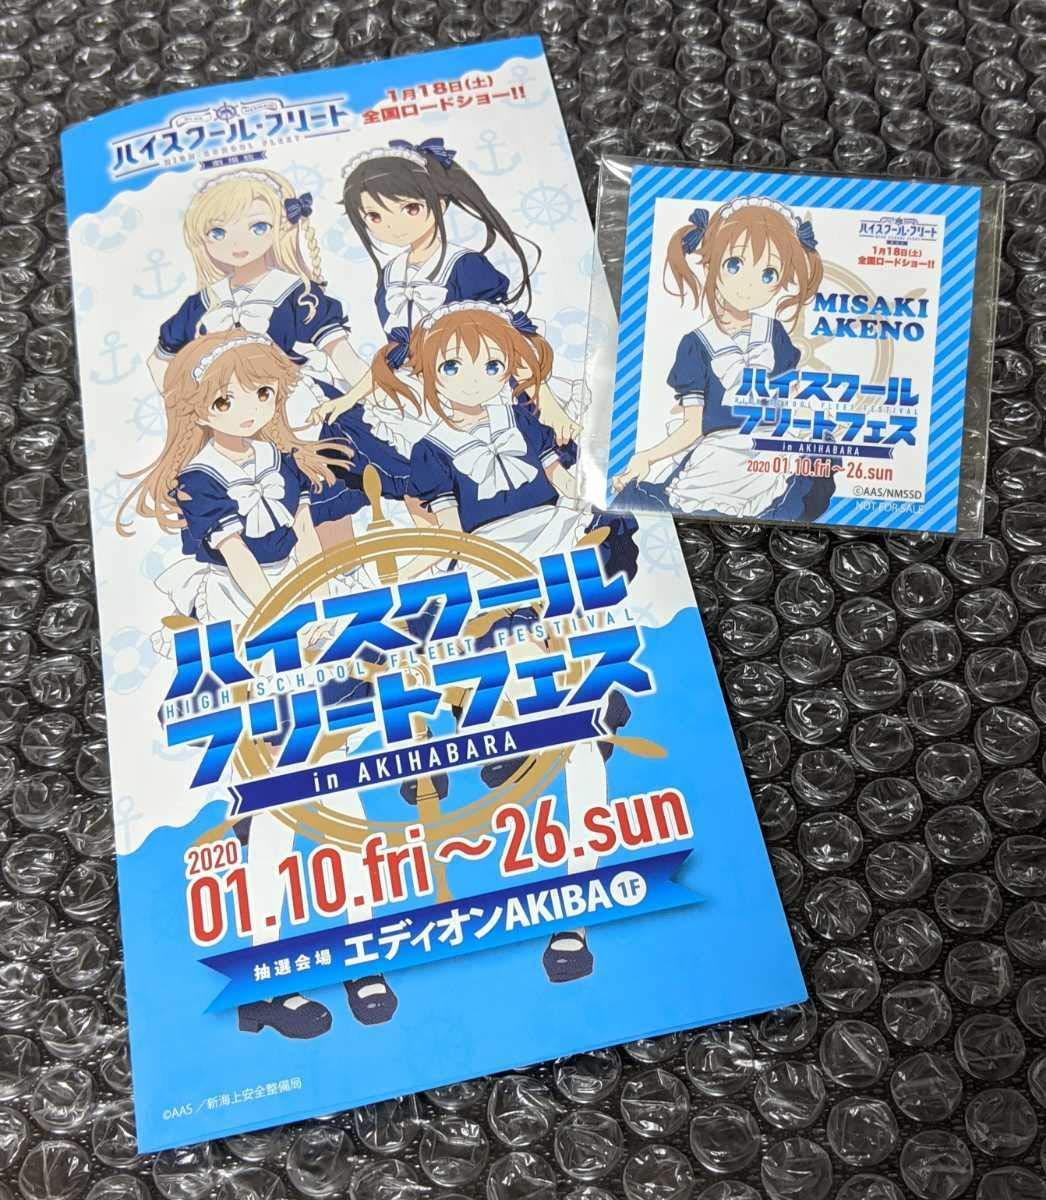 ハイスクール フリート フェス In Akihabara 購入特典 ステッカー 岬